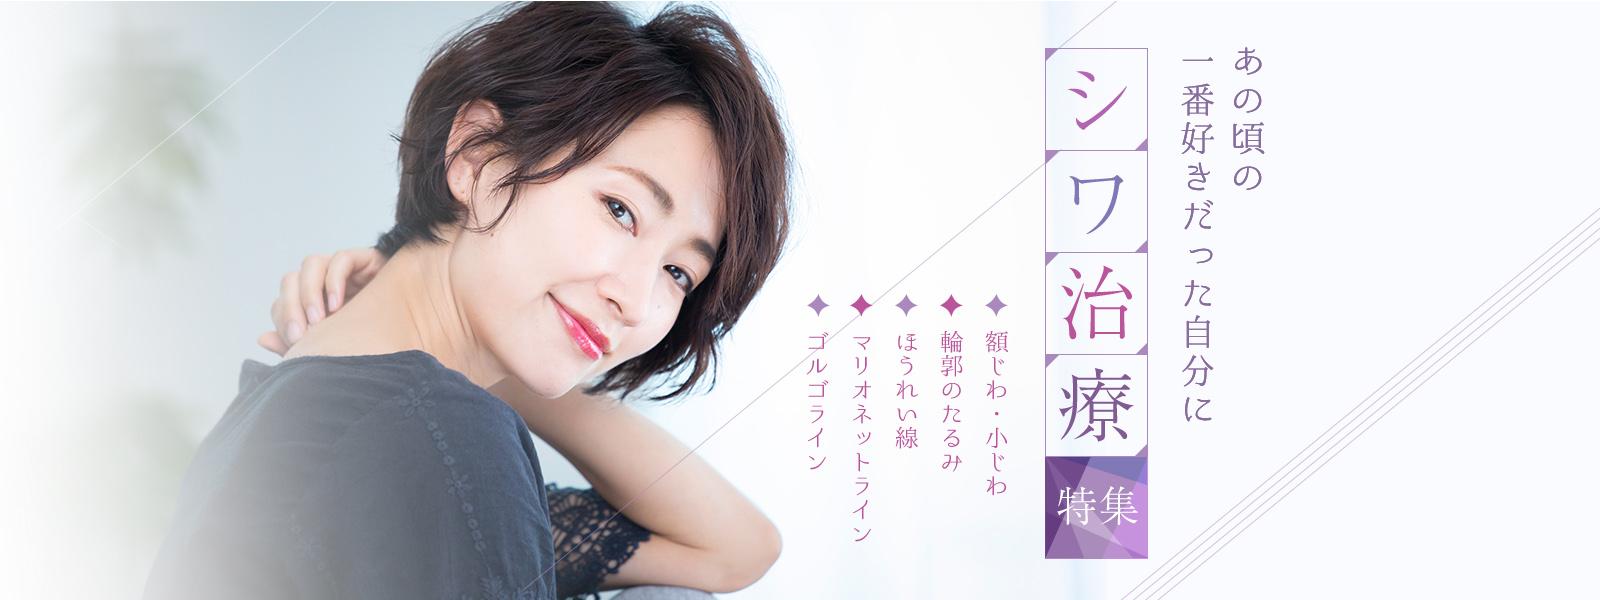 大阪でしわ治療をお探しならプライベートスキンクリニックへ